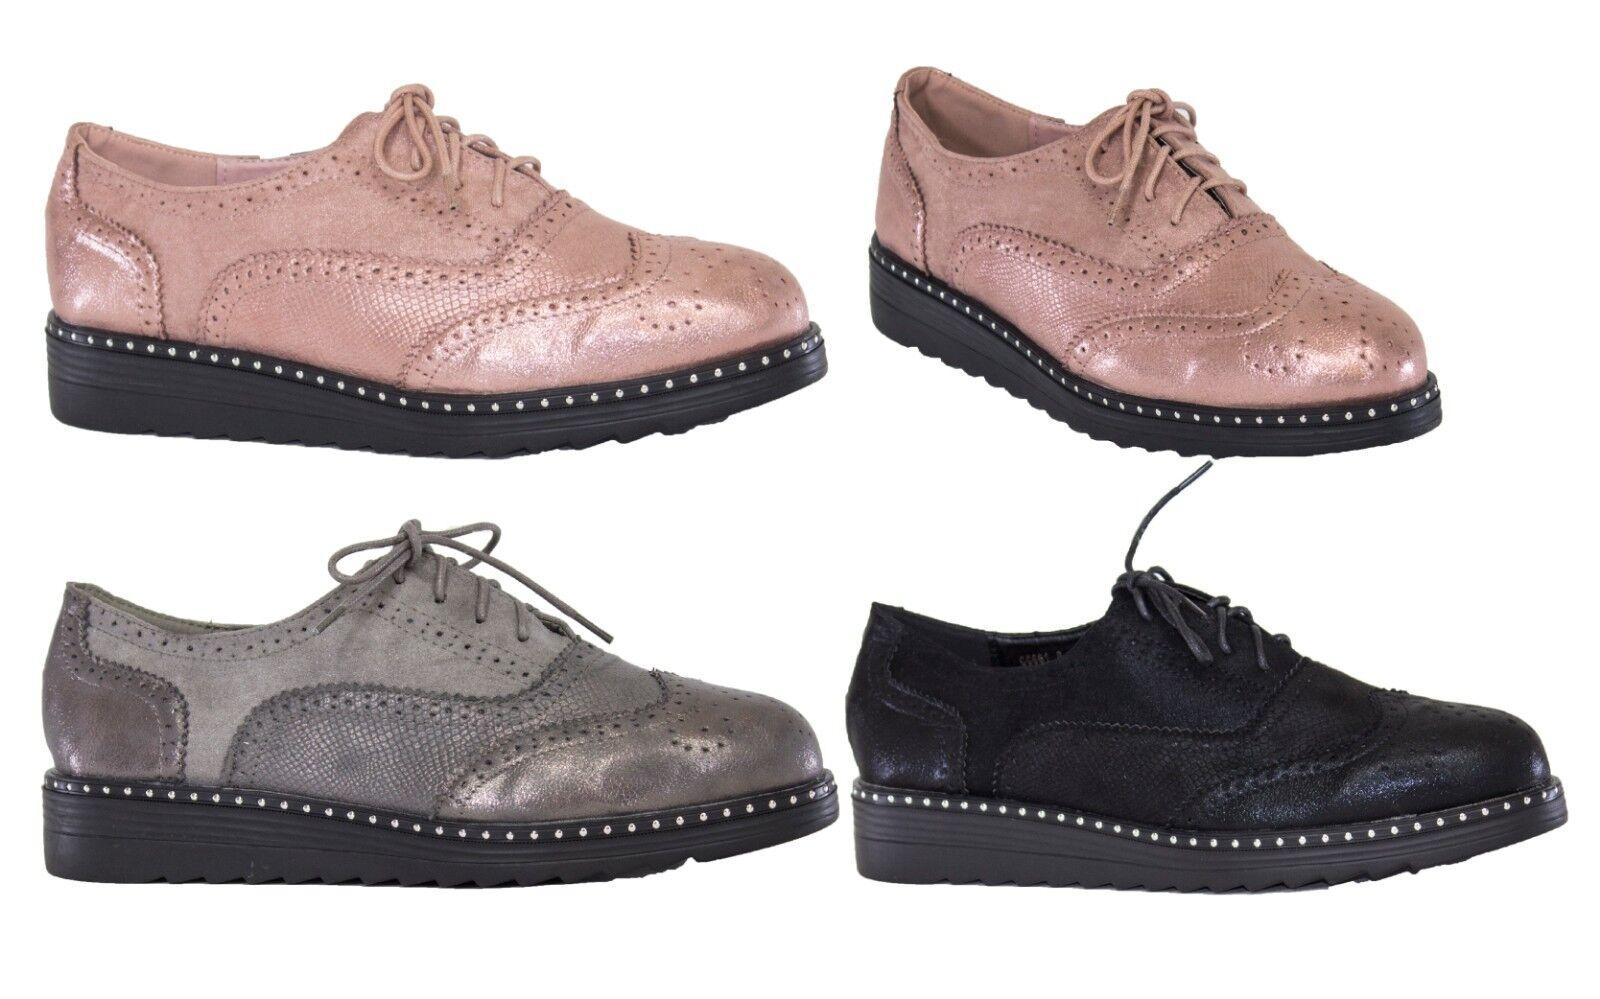 Bottines Baskets femme à lacets, Brillant Vintage Baskets basses Plateforme Baskets Bottines Casual Chaussures Femmes 1c73dc